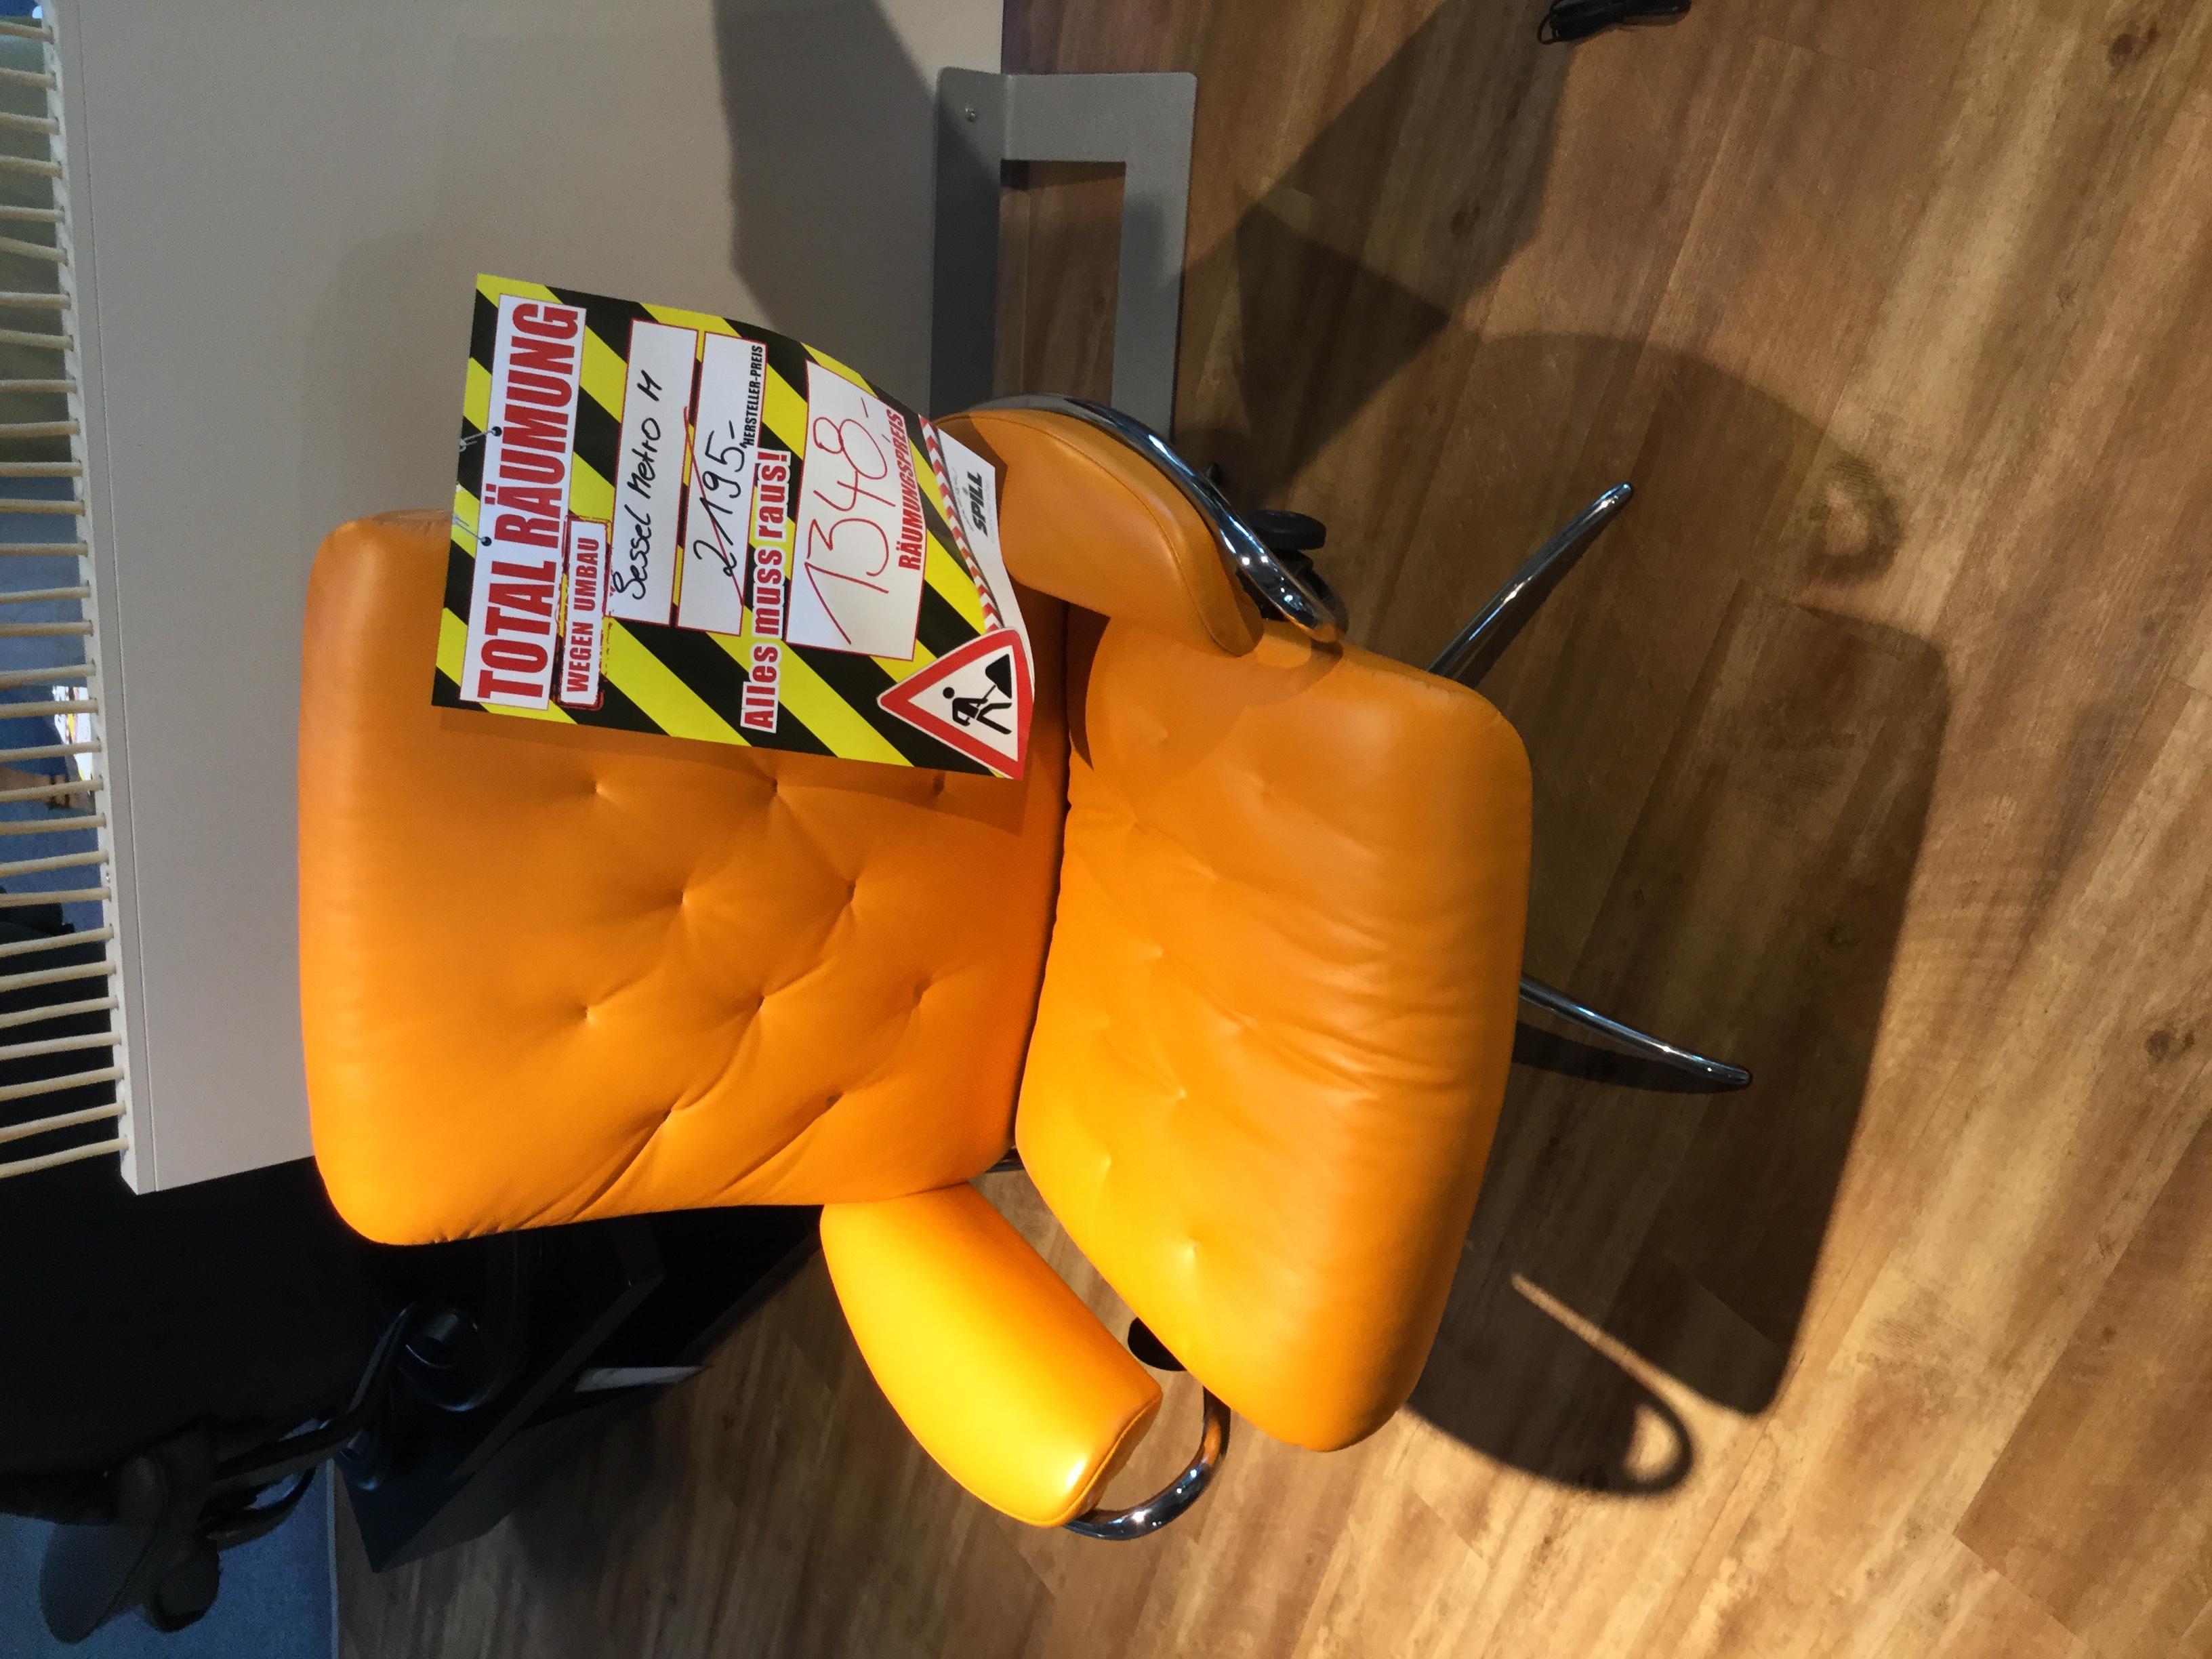 Mein Ausstellungsstück Stressless Sessel Metro M